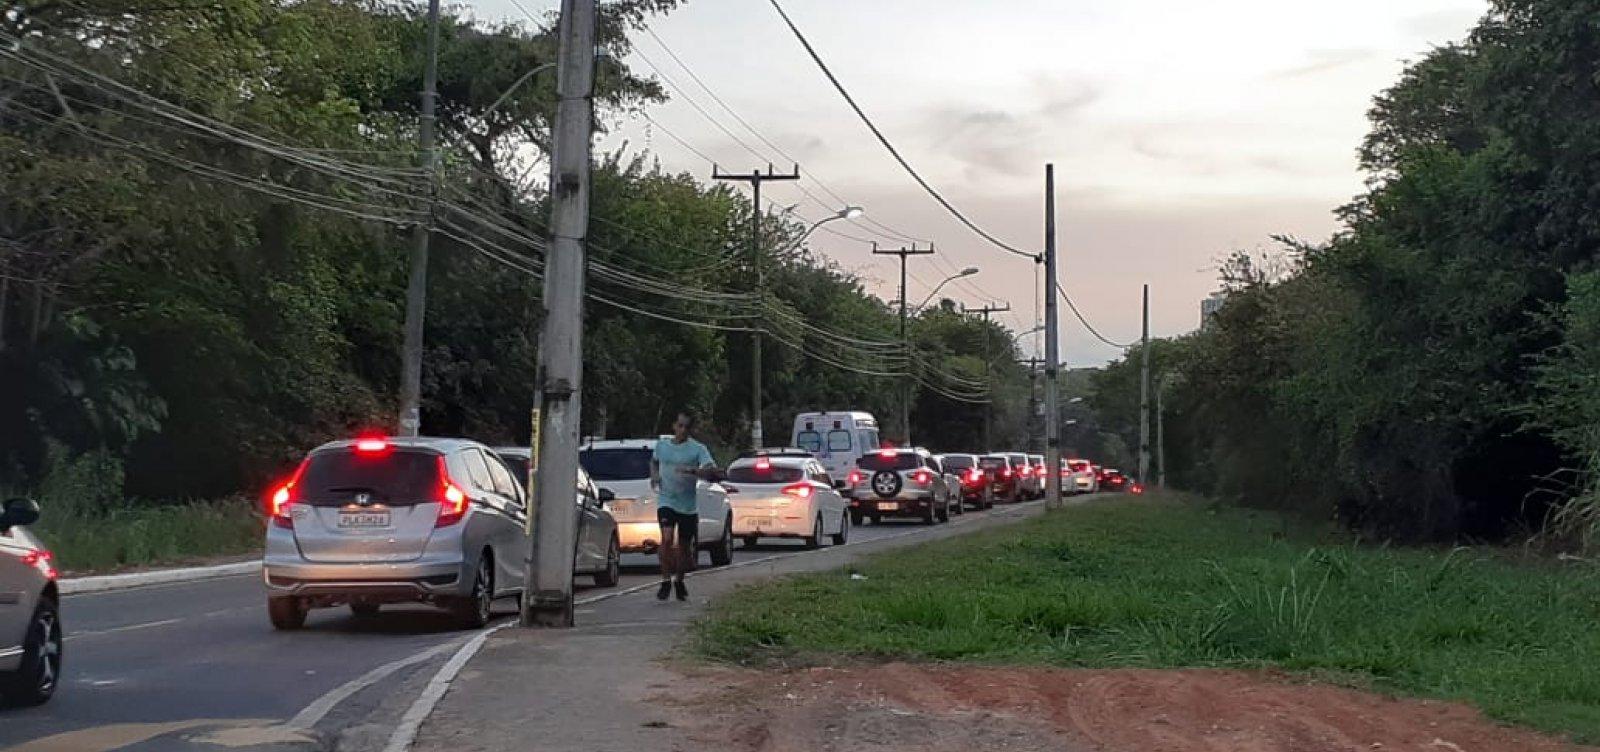 Carro parado congestiona Ladeira do Saboeiro